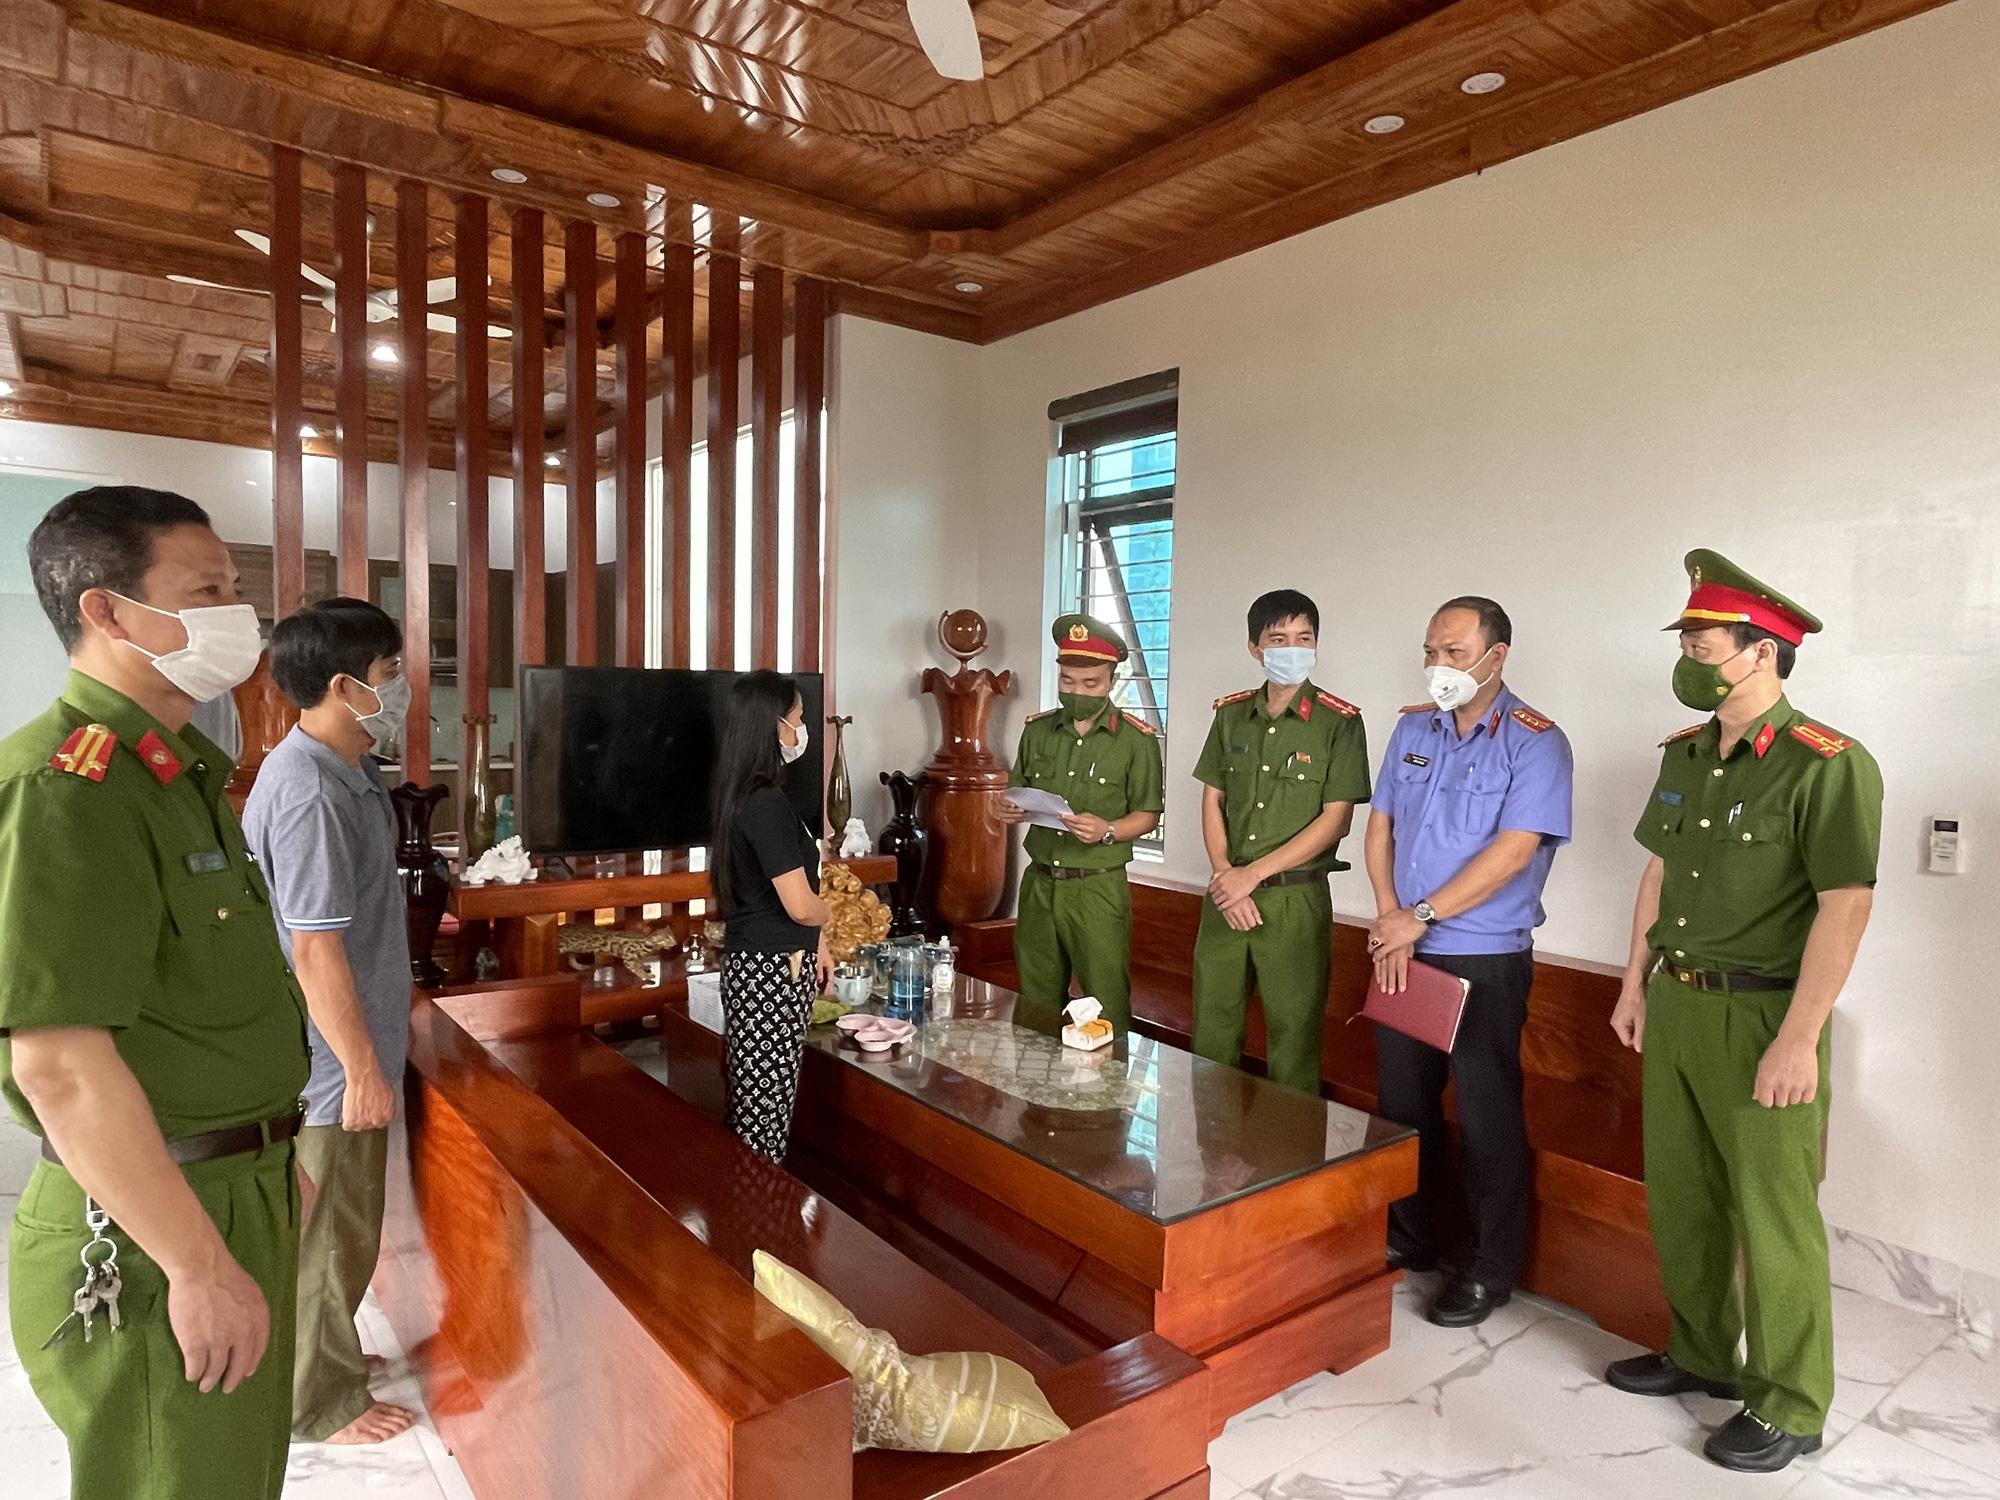 Three men arrested for murder in north-central Vietnam